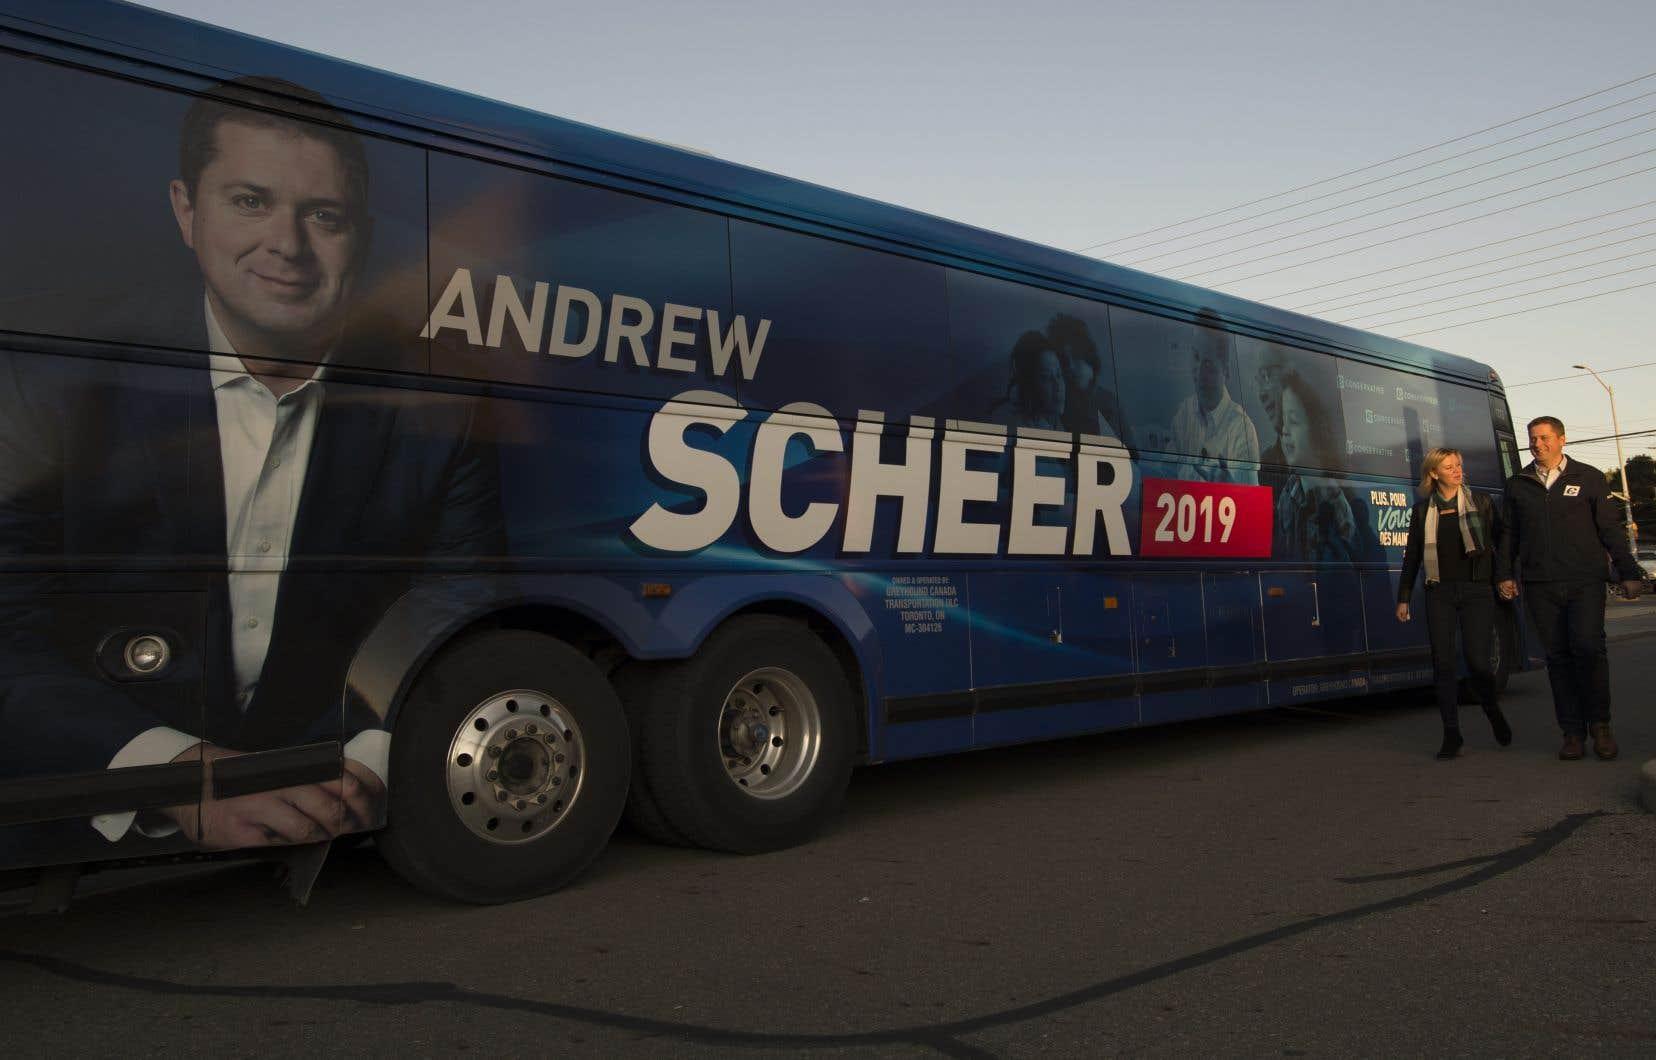 Forum Research rapporte que 23%des répondants ont affirmé que le chef conservateur, Andrew Scheer, a remporté le débat de lundi dernier.